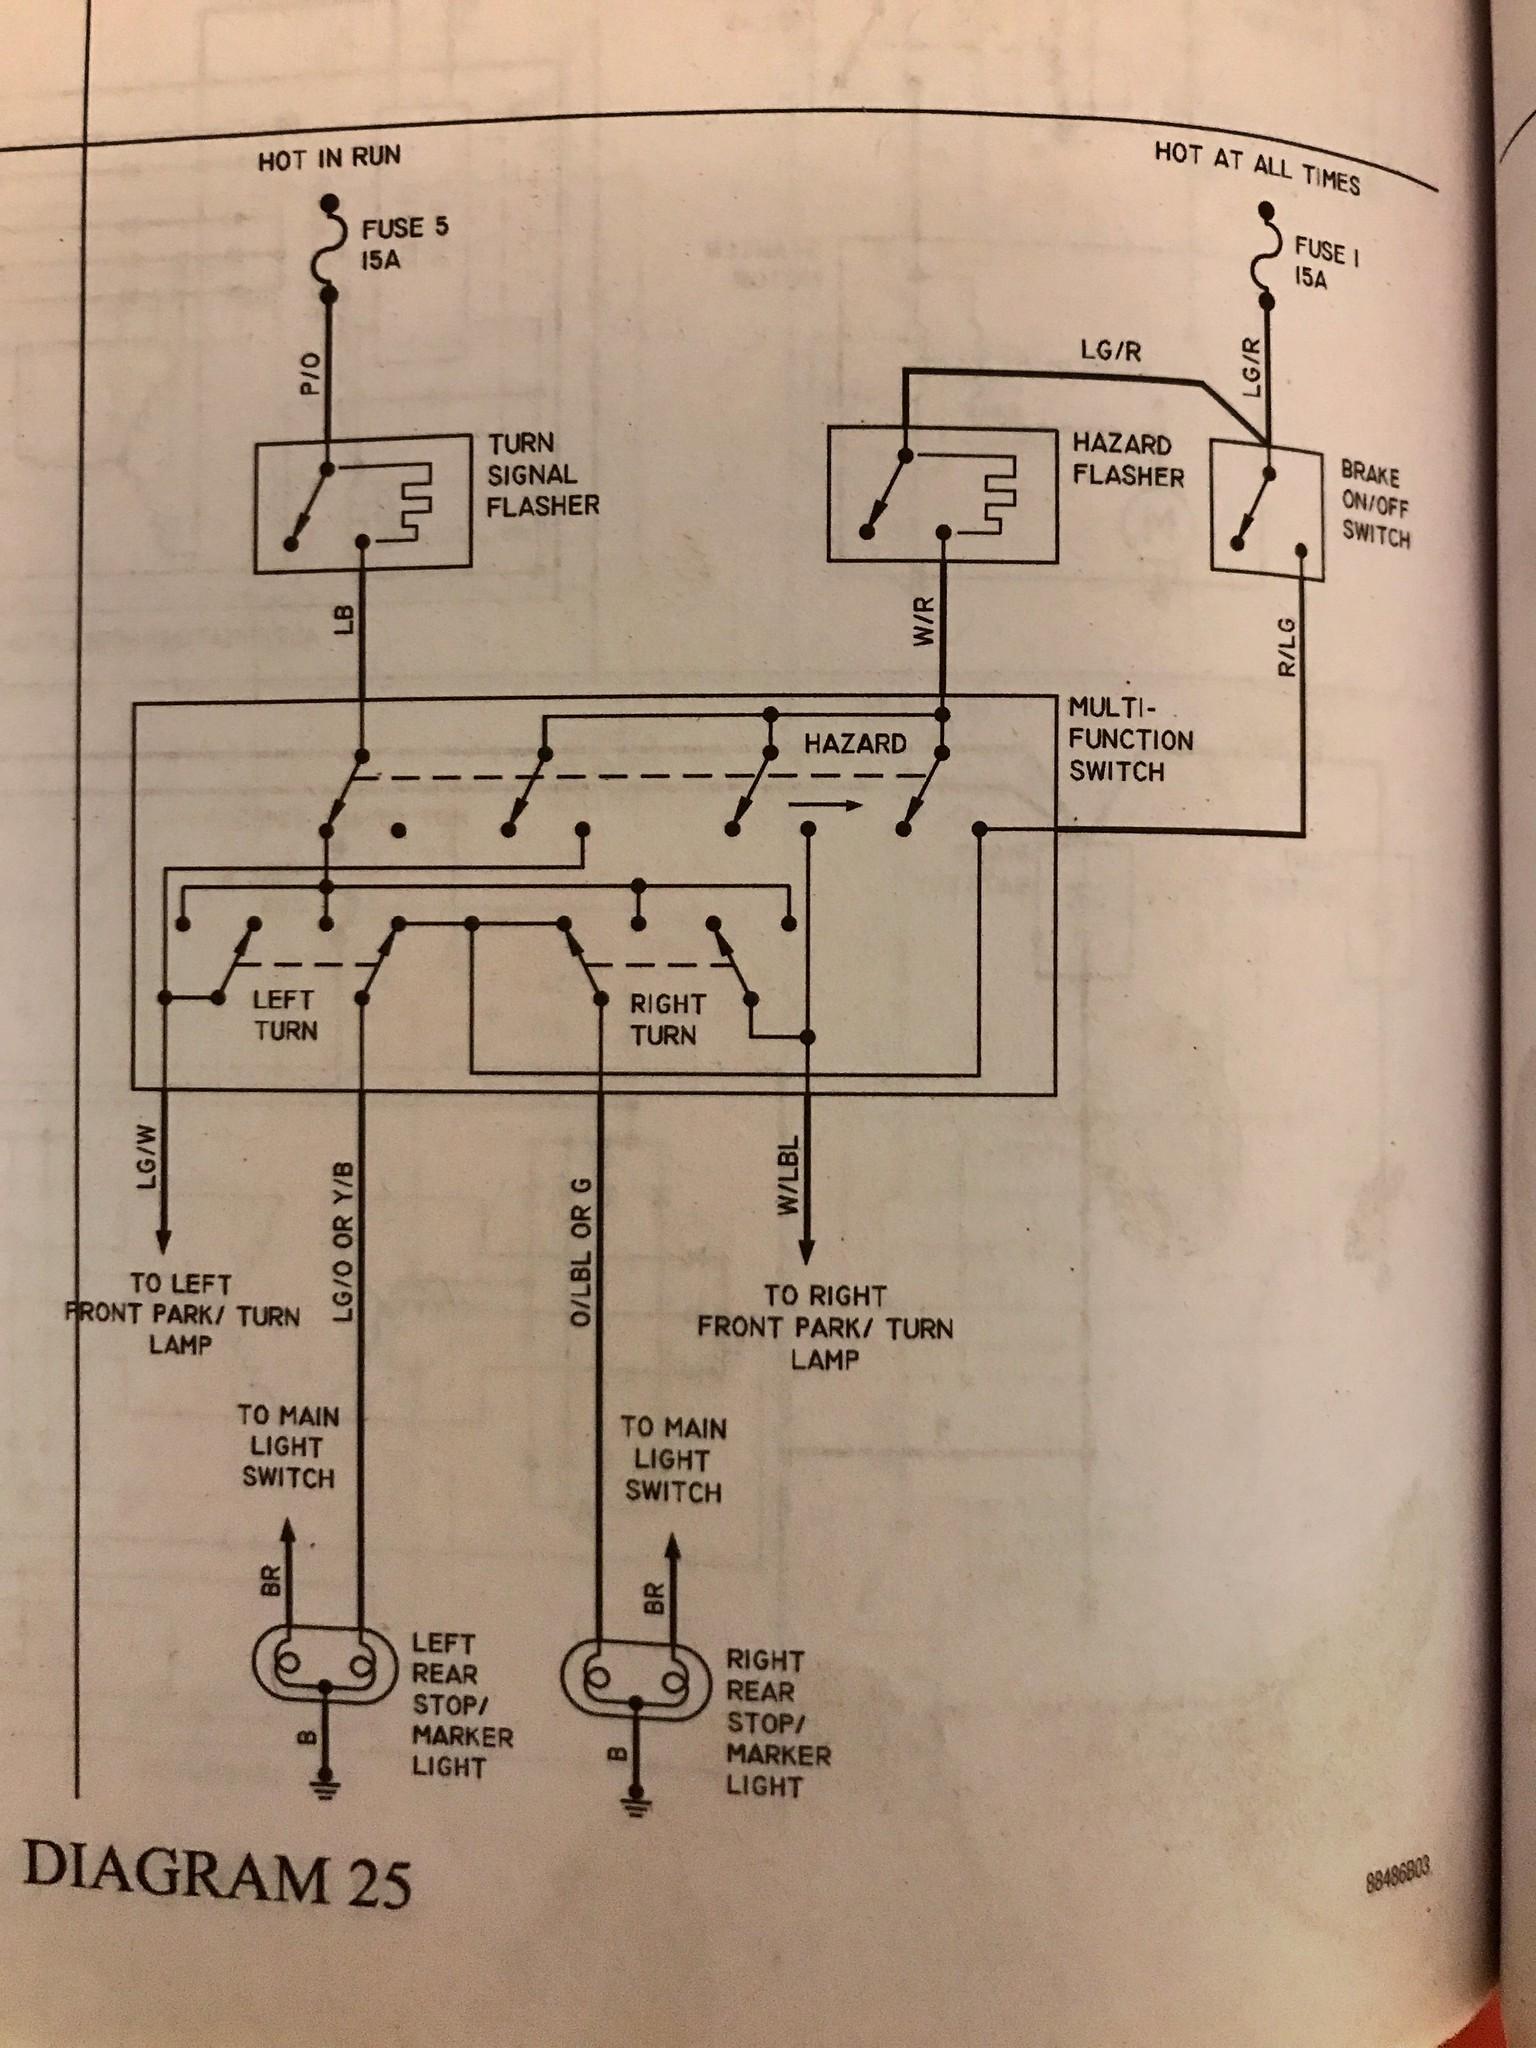 [ZTBE_9966]  SE_0596] Collins School Bus Wiring Diagram Schematic Wiring | Glaval Bus Wiring Diagram |  | Lous Jebrp Mohammedshrine Librar Wiring 101